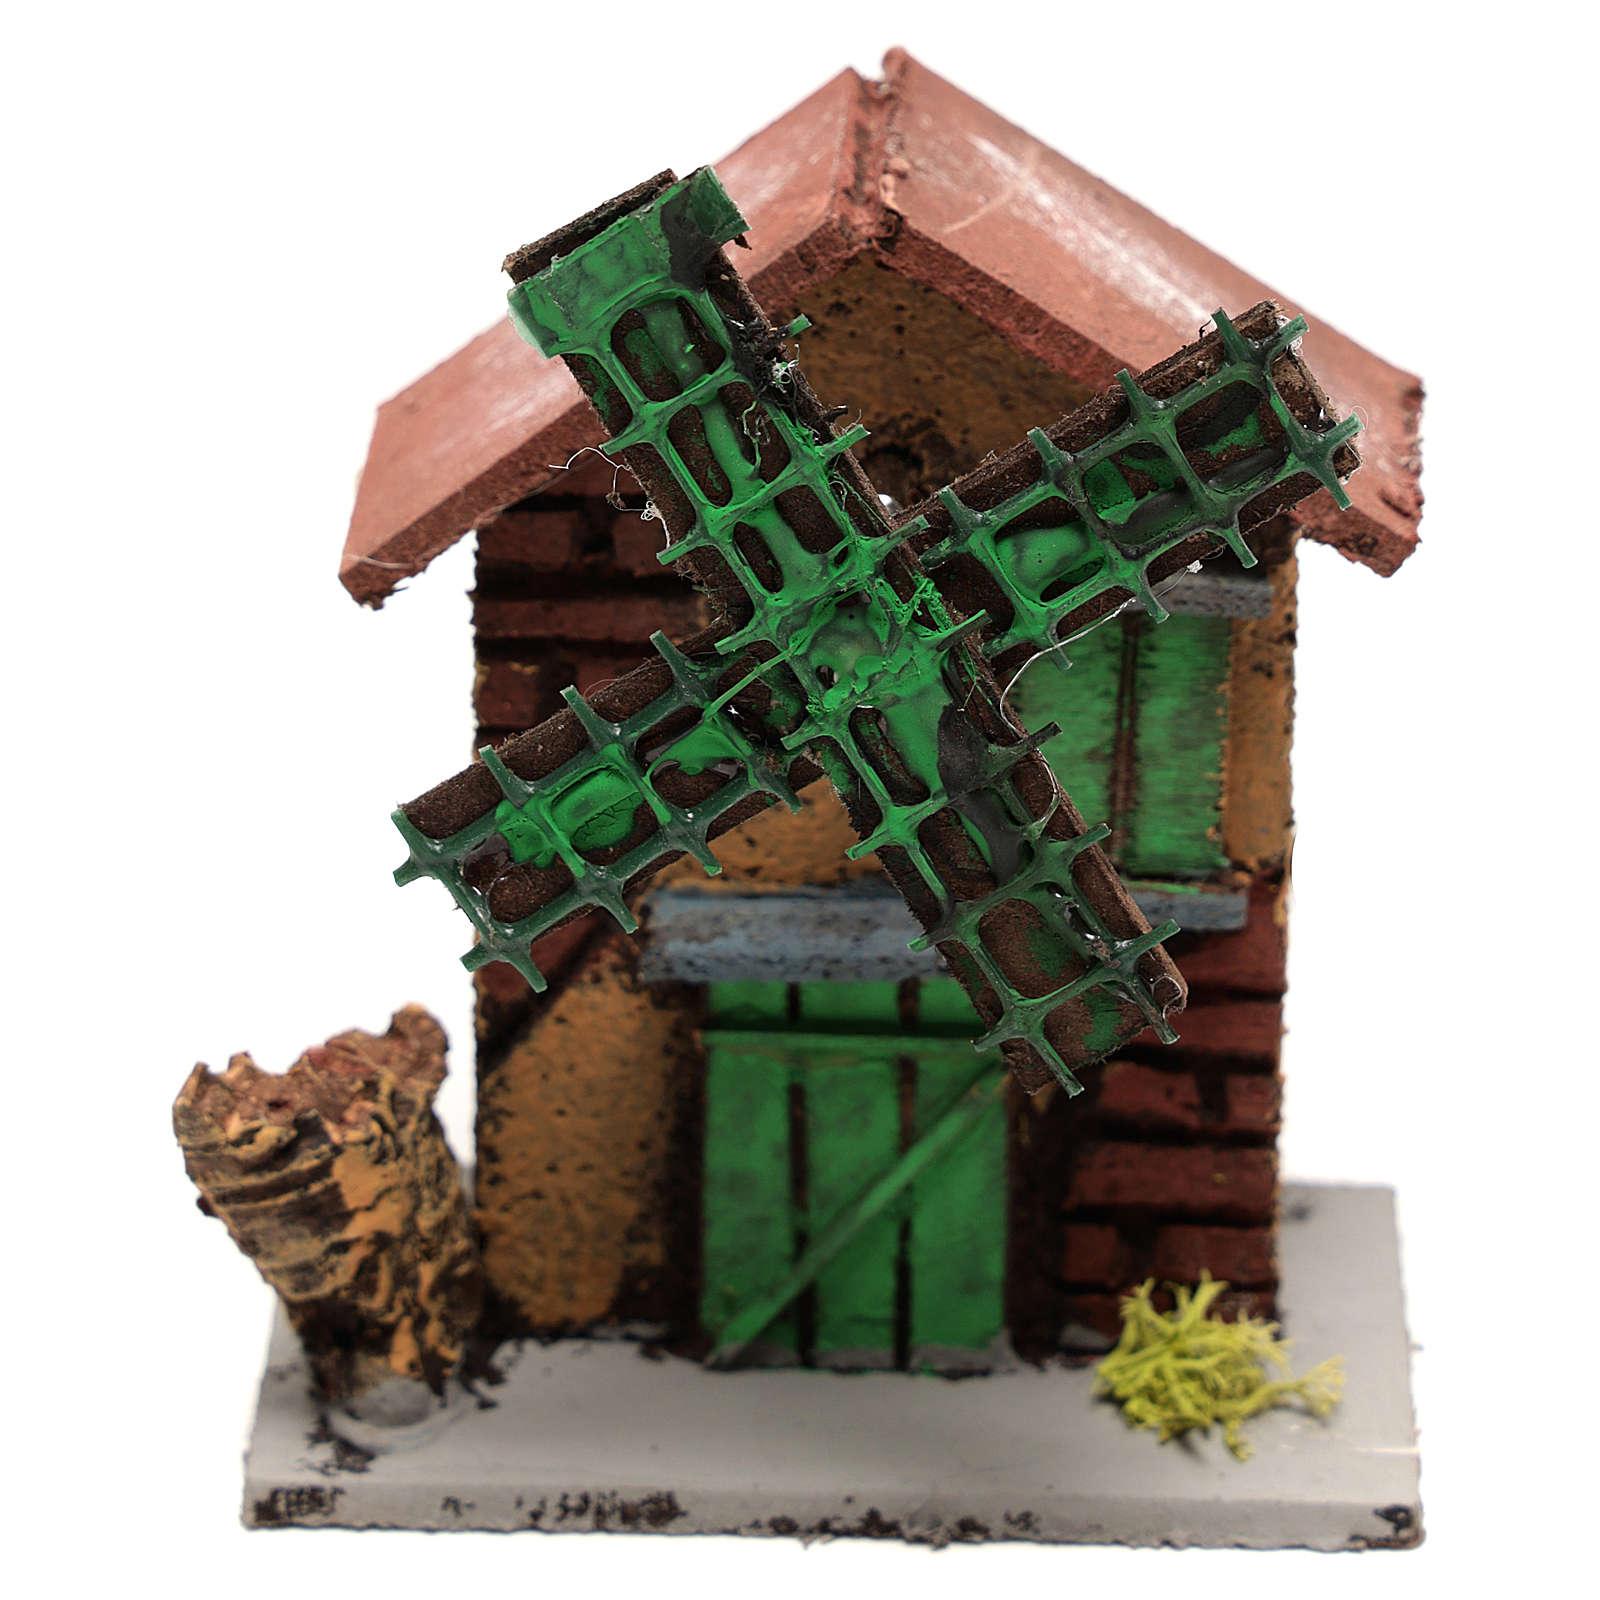 Moulin à vent crèche 12x10x6 cm bois et liège 4